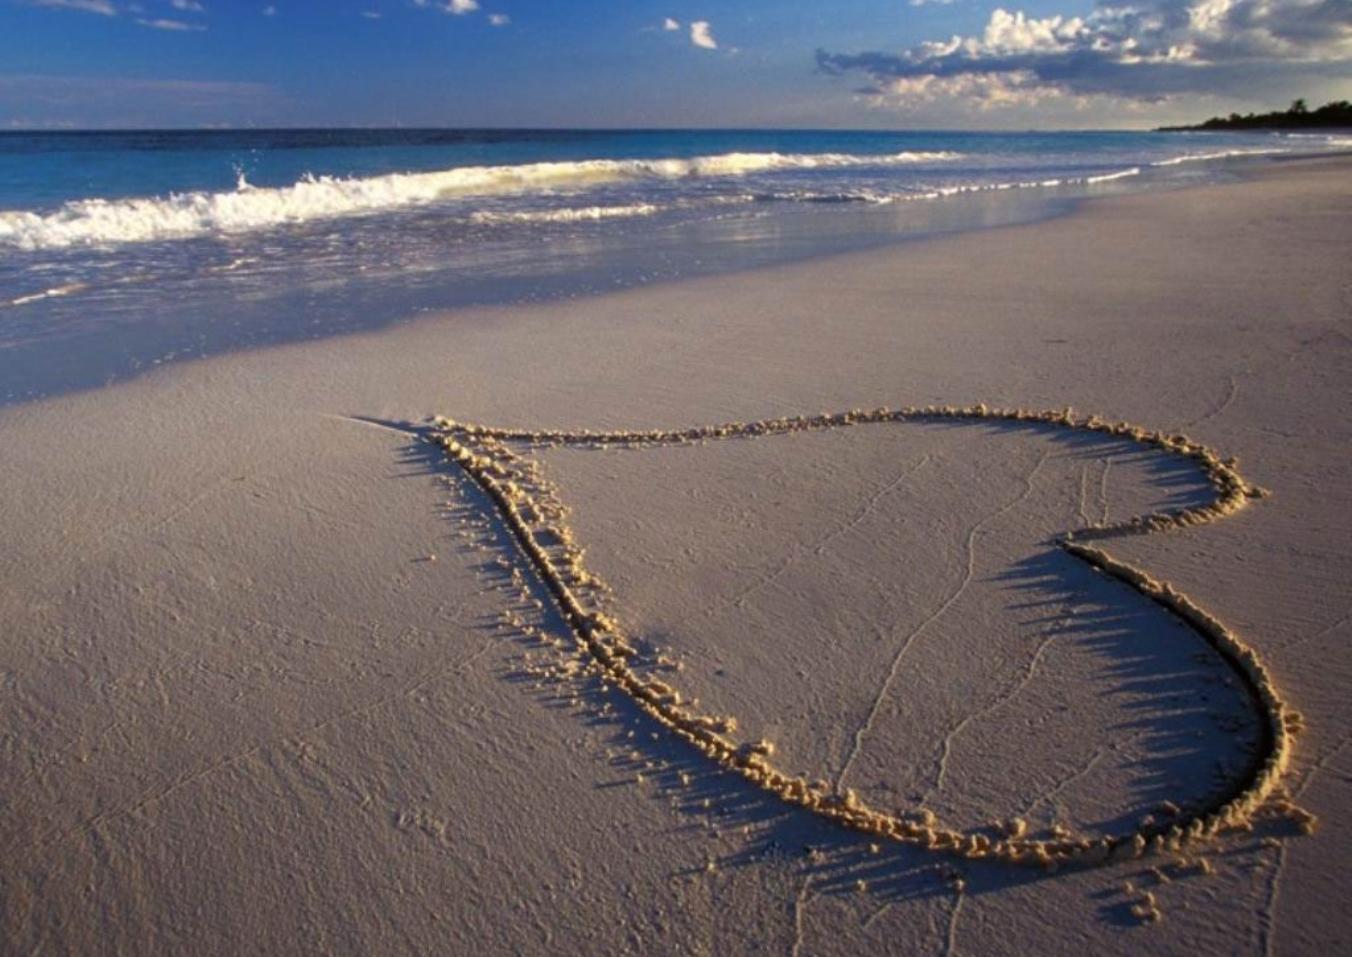 Sfondi e immagini san valentino da scaricare gratis for Sfondilandia mare